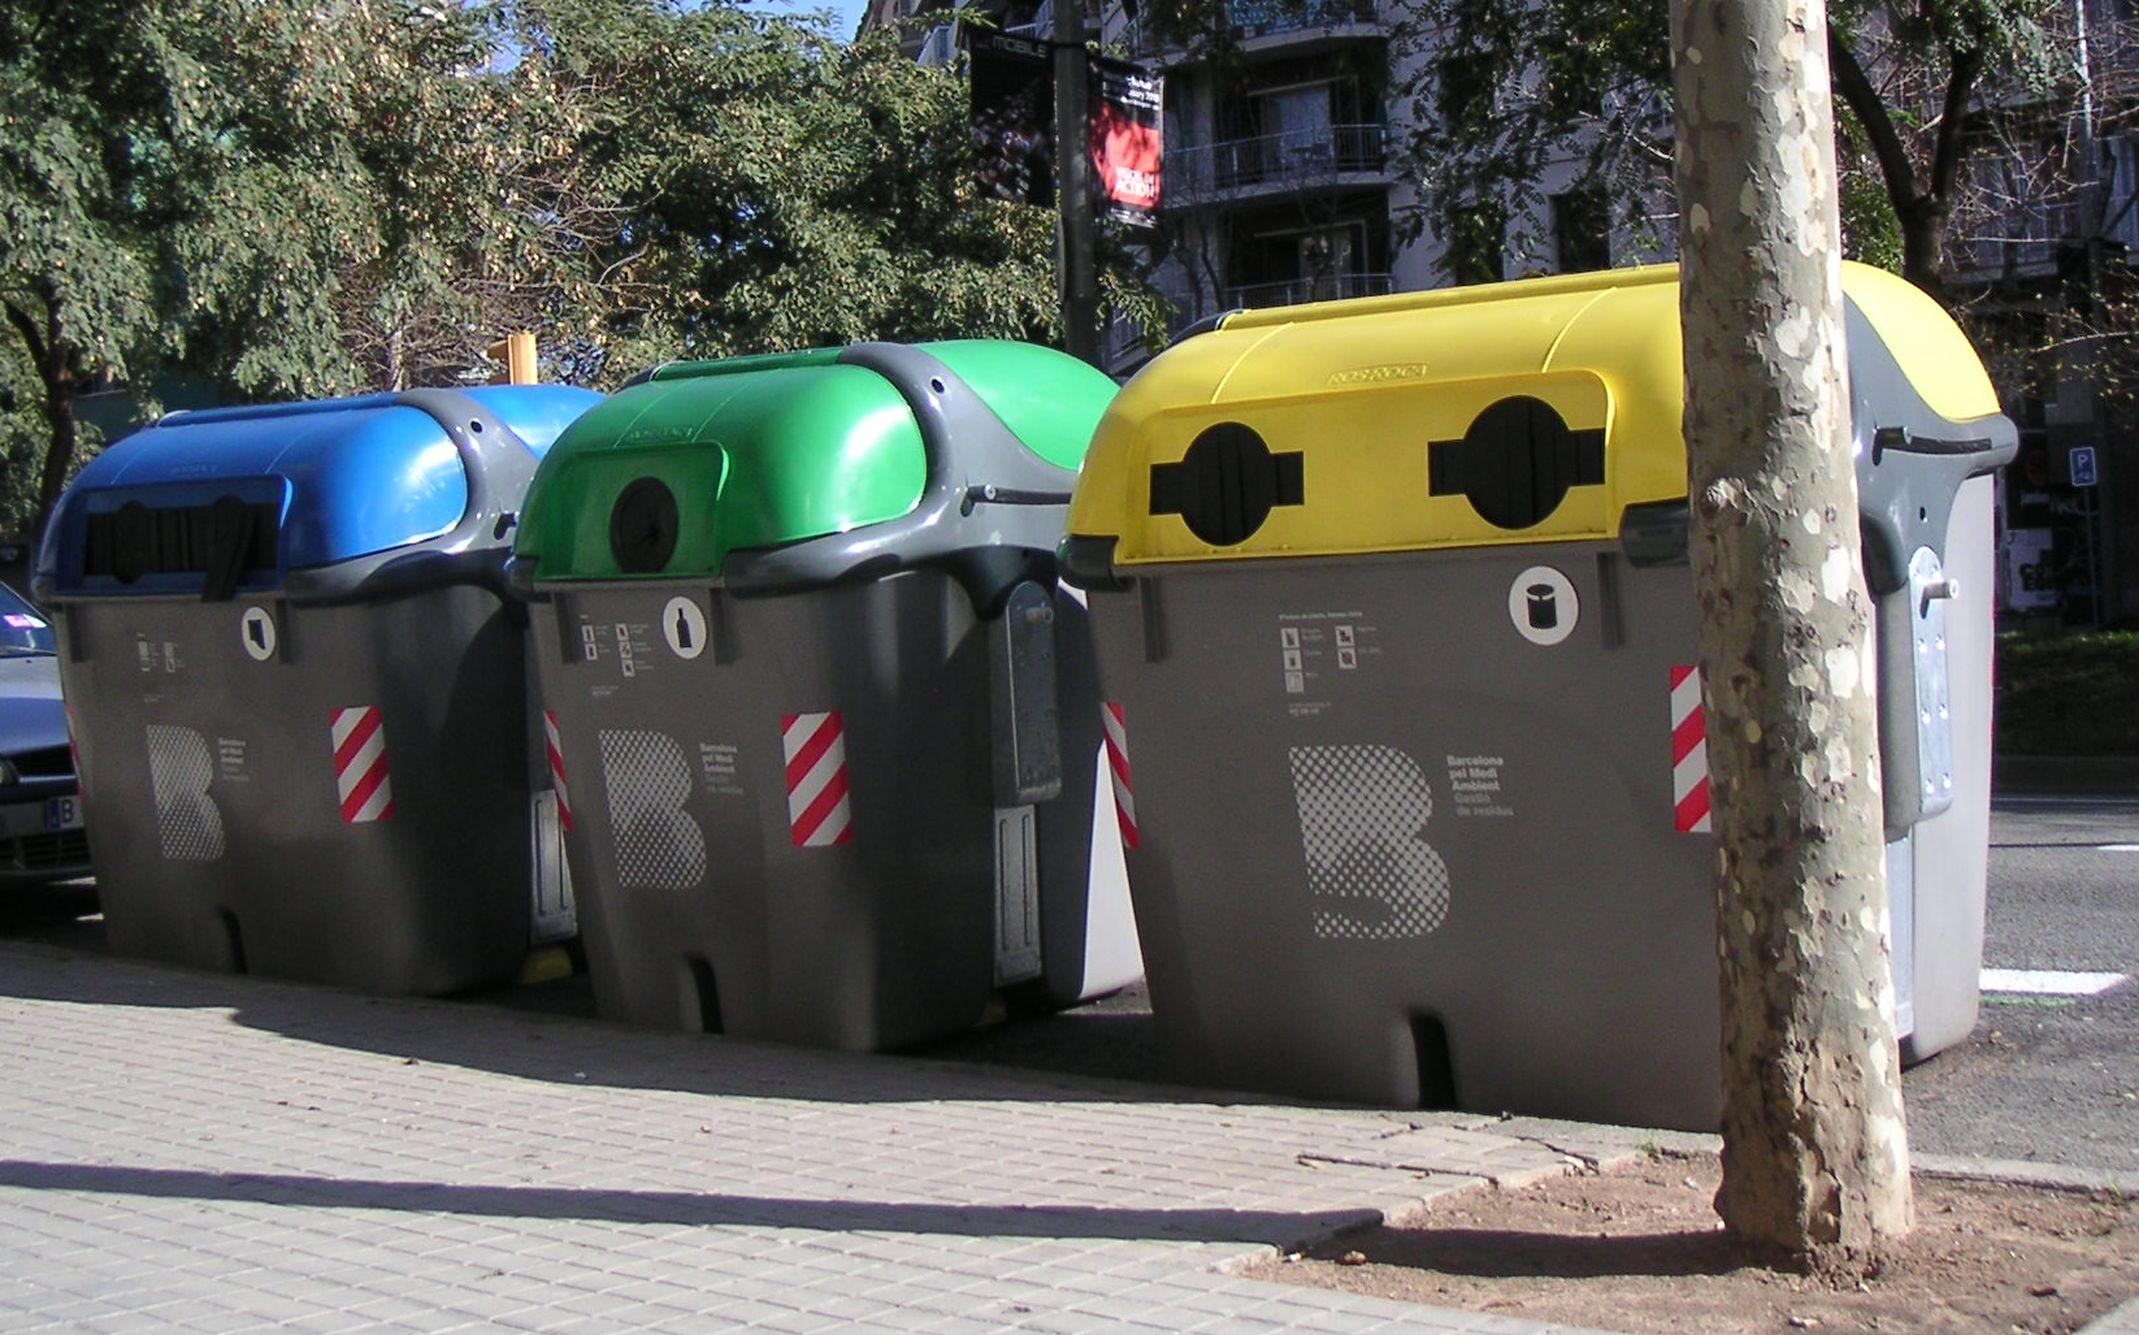 a3346d33f9e Recogida selectiva de basura - Wikipedia, la enciclopedia libre